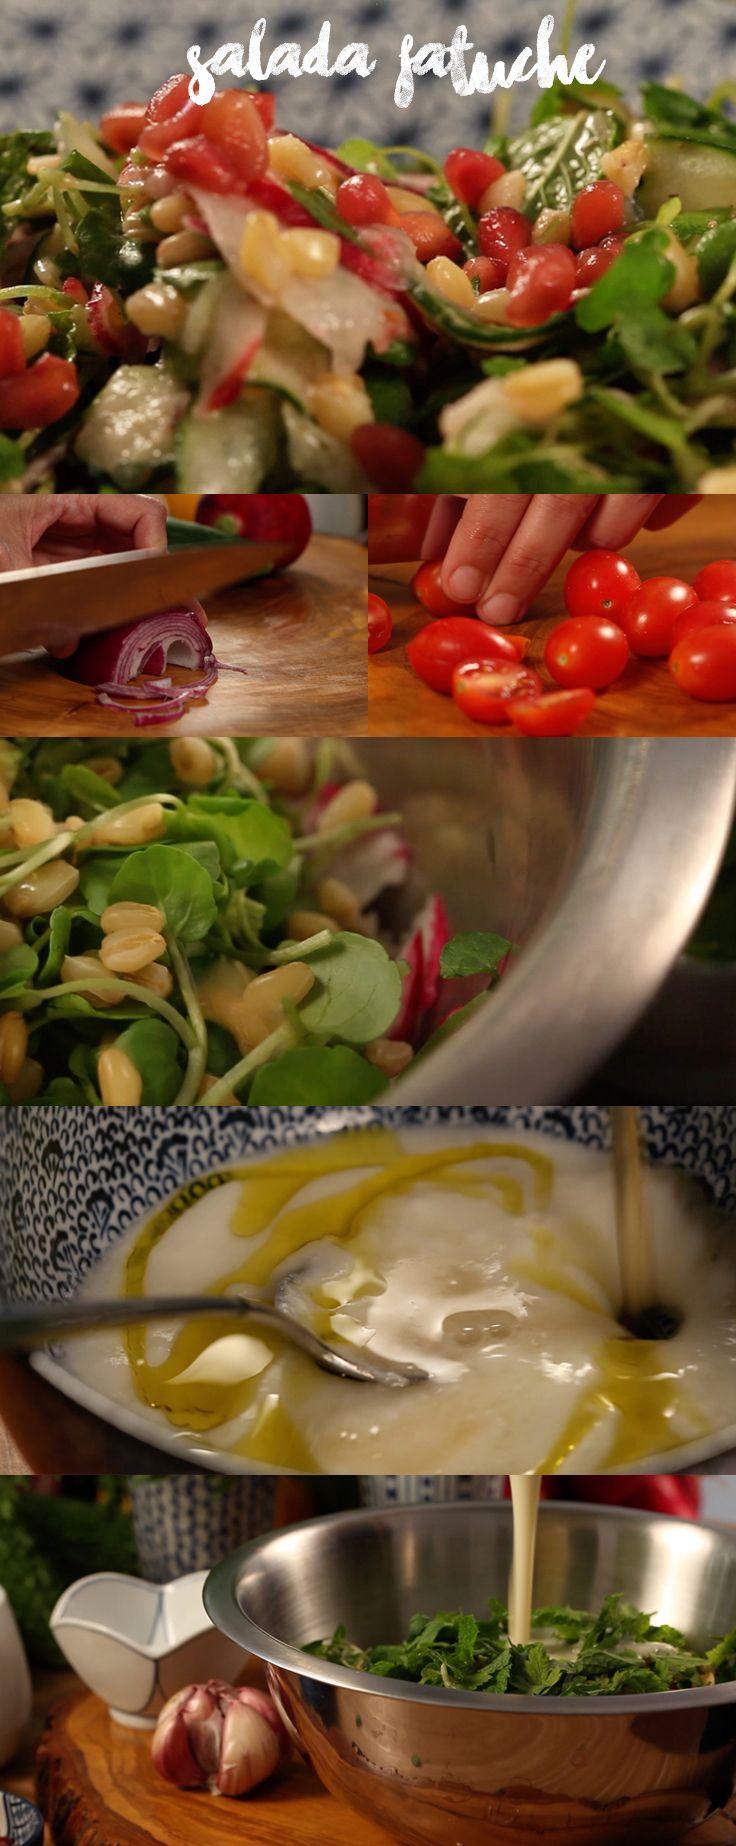 Folhas de salada, fatias de rabanete e quadradinhos crocantes de pão pita com molho doce compõe a saborosa Salada Fatuche. Veja mais receitas em www.myyellowpages.com.br